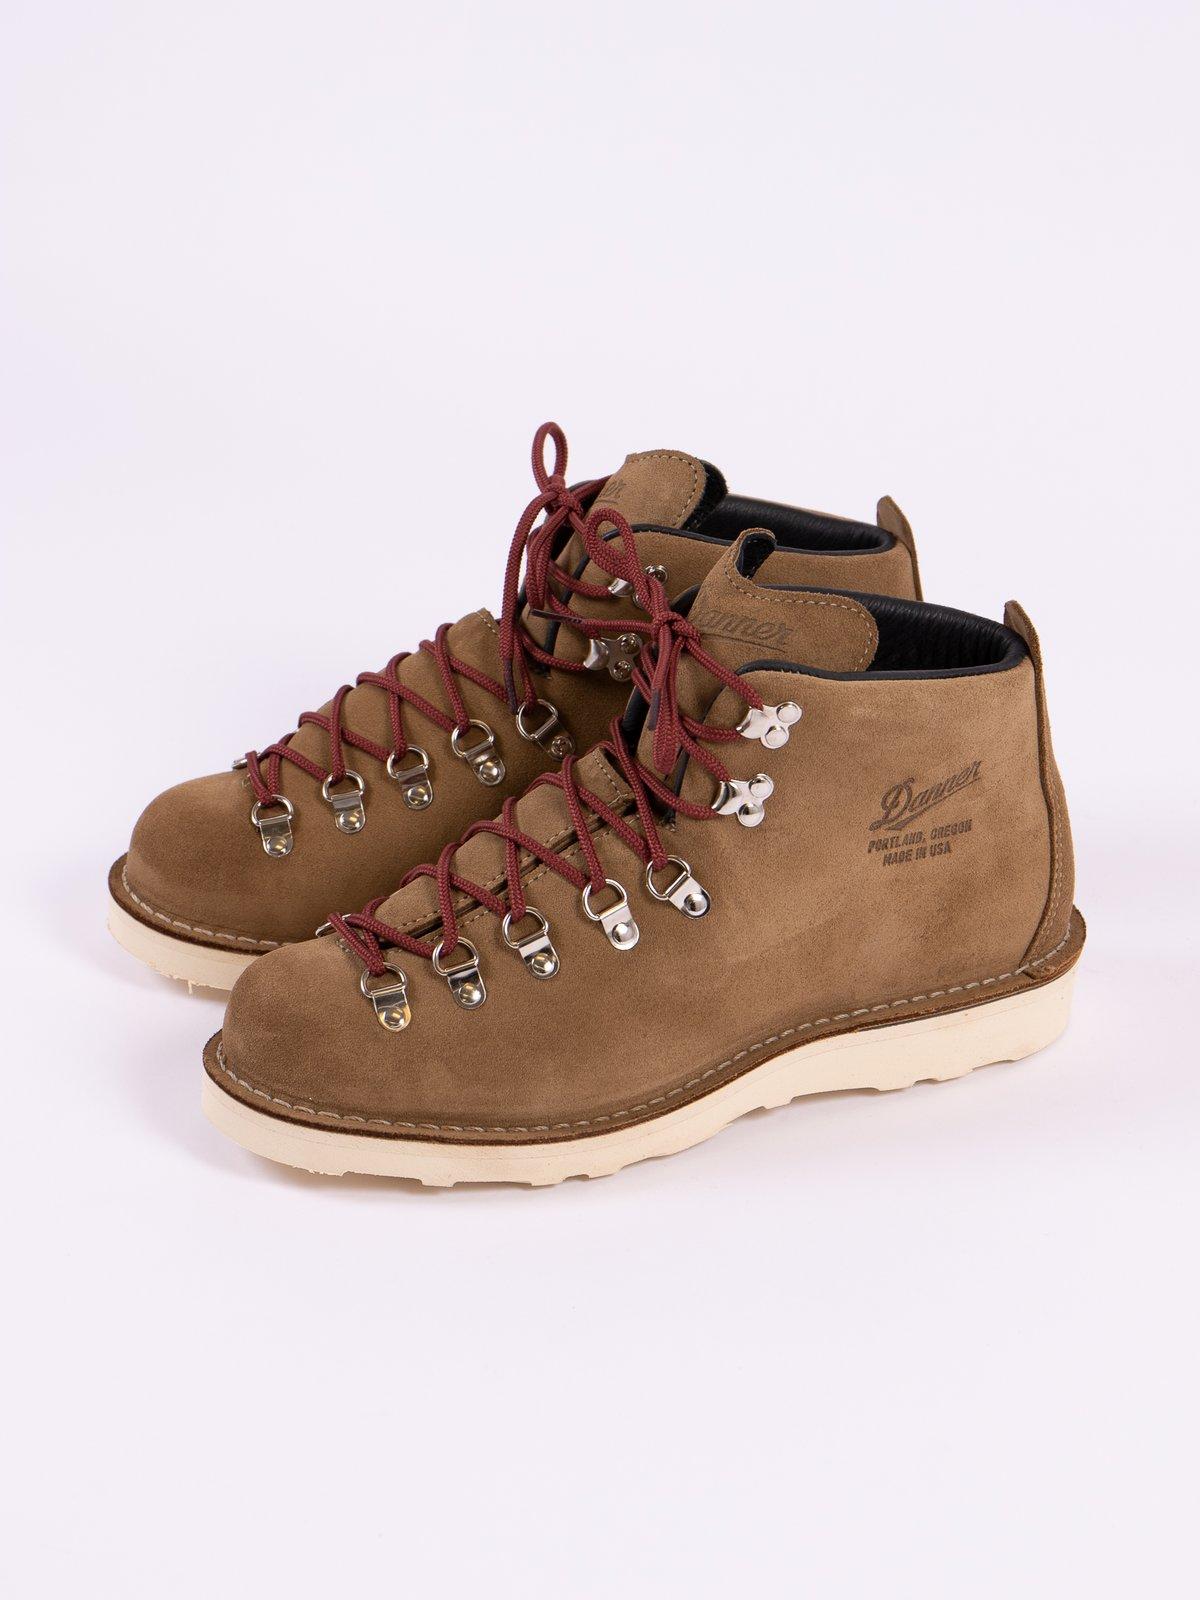 Tan Mountain Light Overton Boot - Image 2